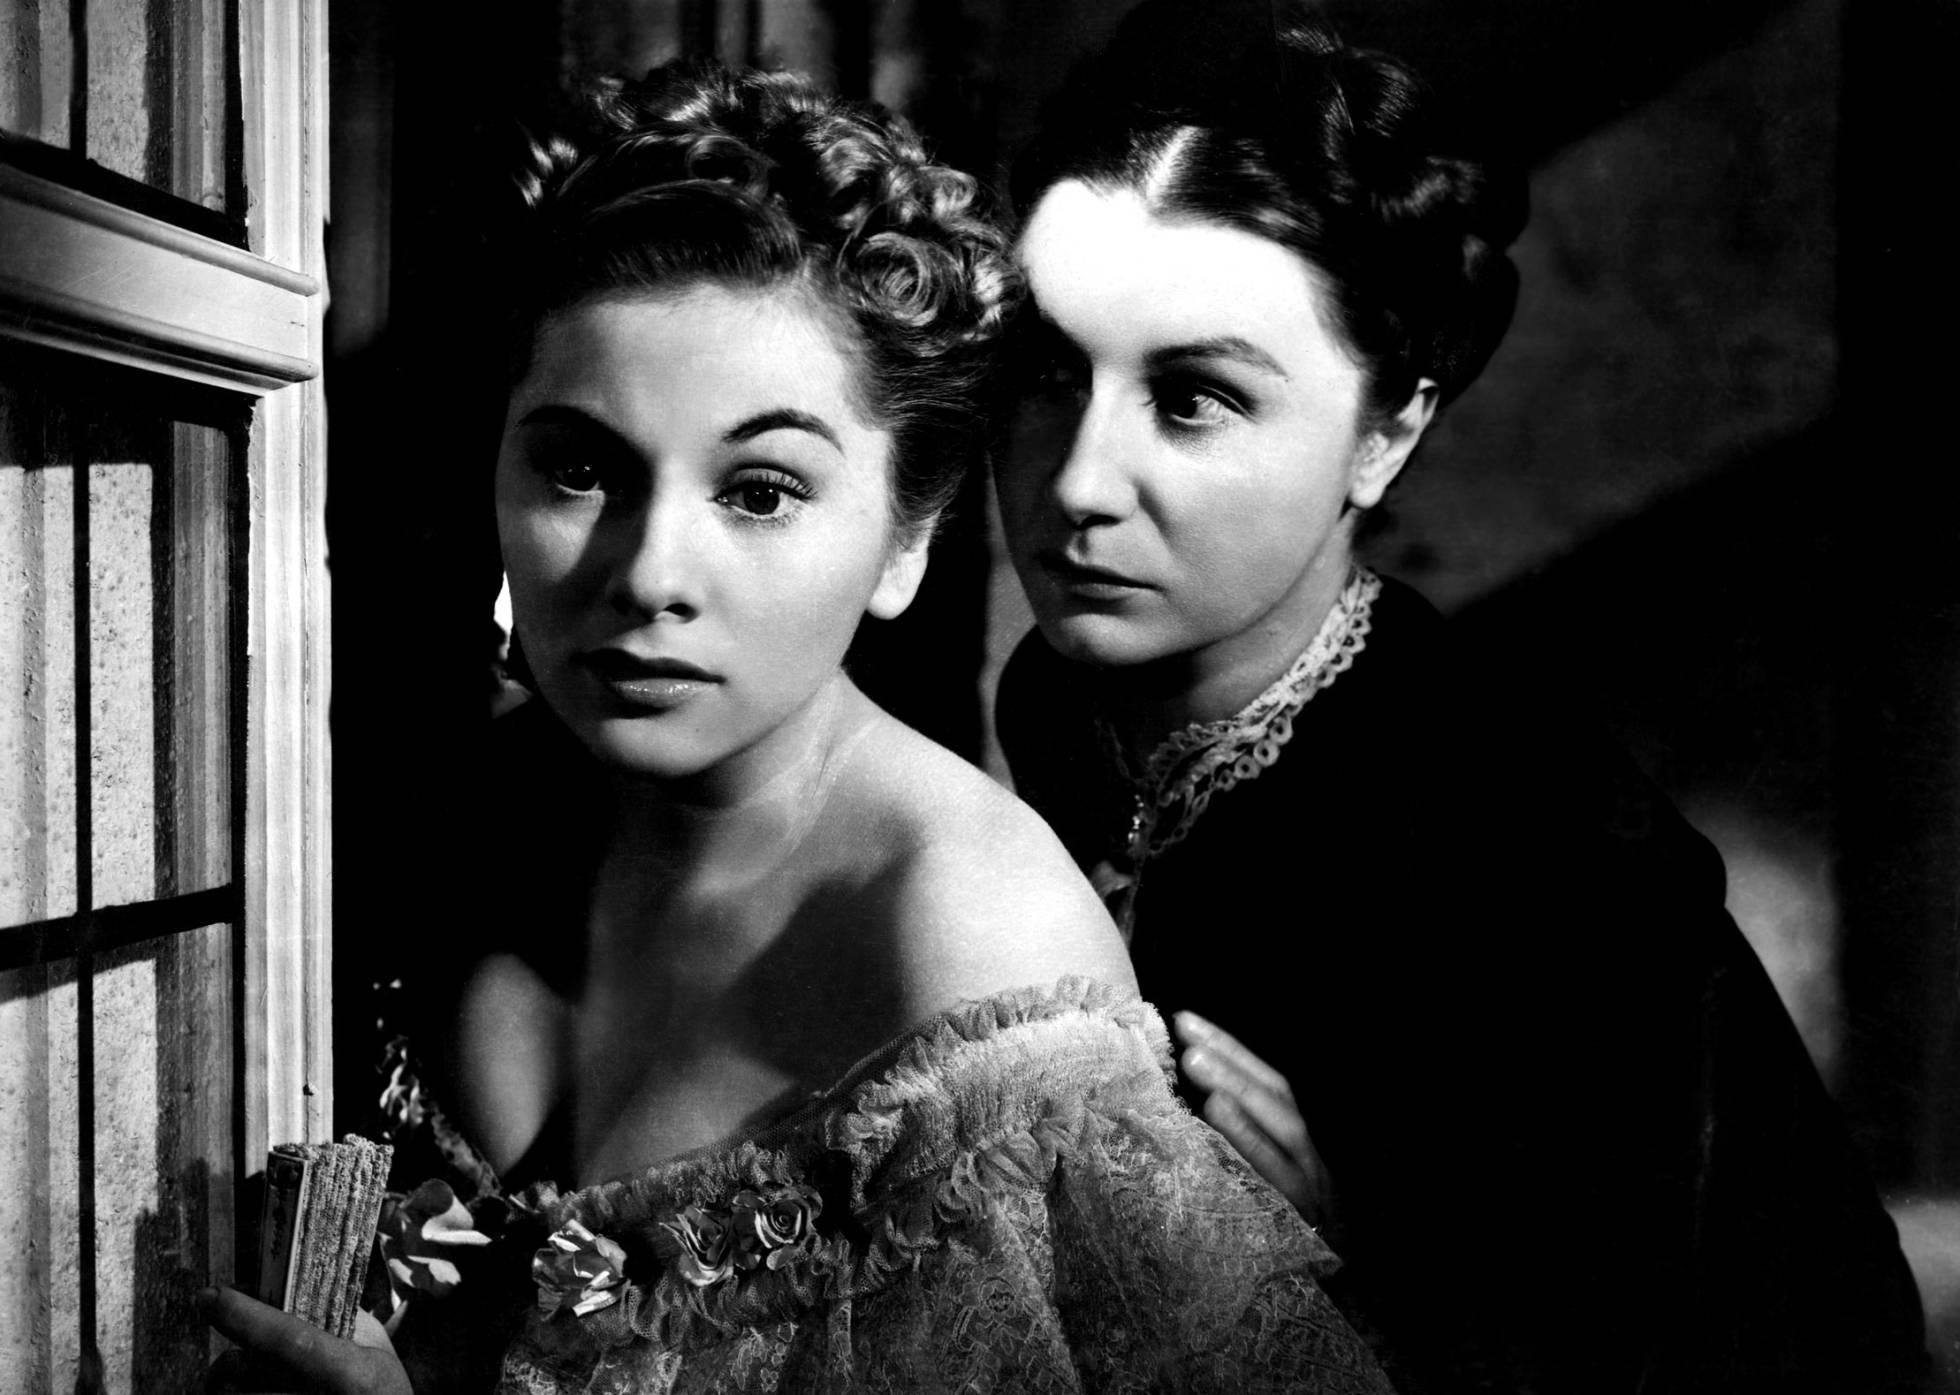 Joan Fontaine e Judith Anderson en 'Rebeca', a película de Hitchcock que podería considerarse a nai de Todas as obsesións cinematográficas.'Rebeca', la película de Hitchcock que podría considerarse la madre de todas la obsesiones cinematográficas.